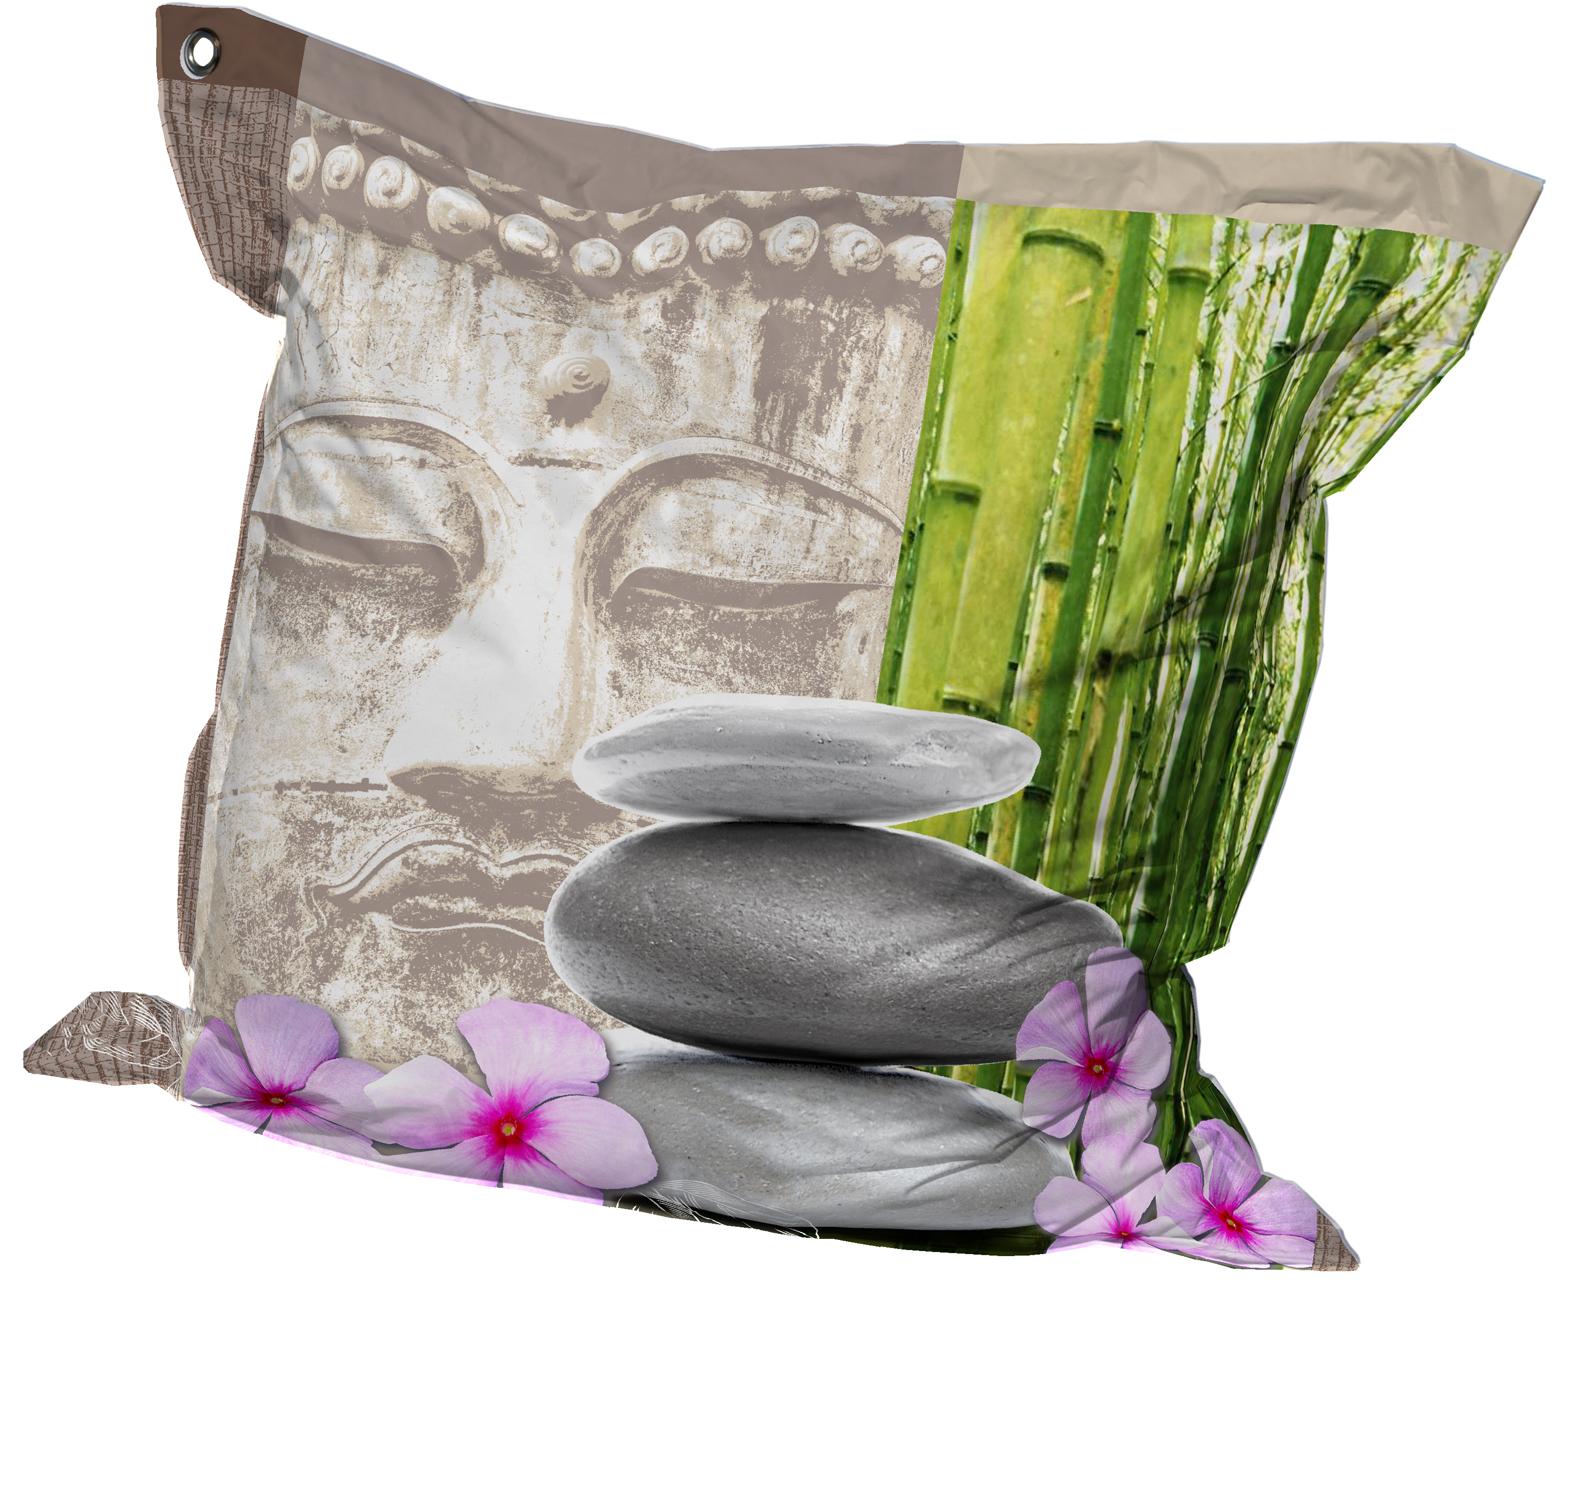 big coussin zen multicolore homemaison vente en ligne bigs coussins microbilles. Black Bedroom Furniture Sets. Home Design Ideas